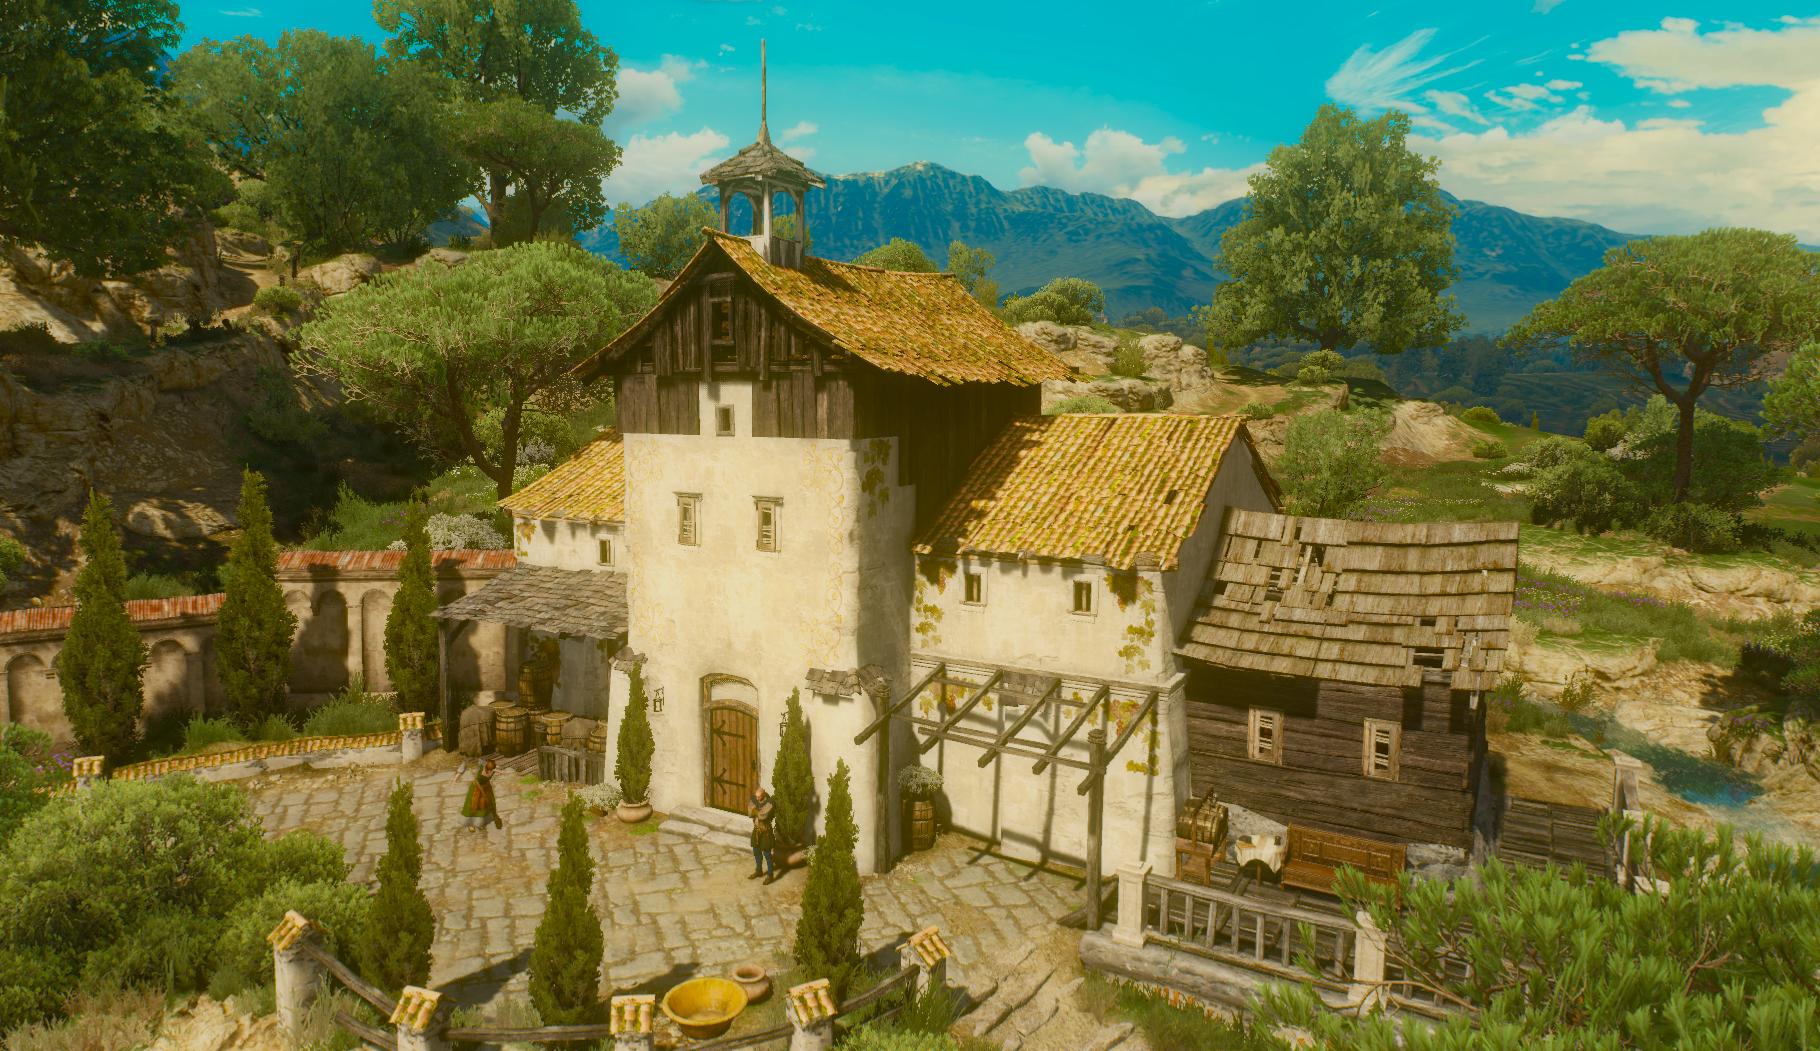 Corvo Bianco – winnica w Toussaint będąca własnością Geralta z Rivii - źródło: wiedzmin.wikia.com